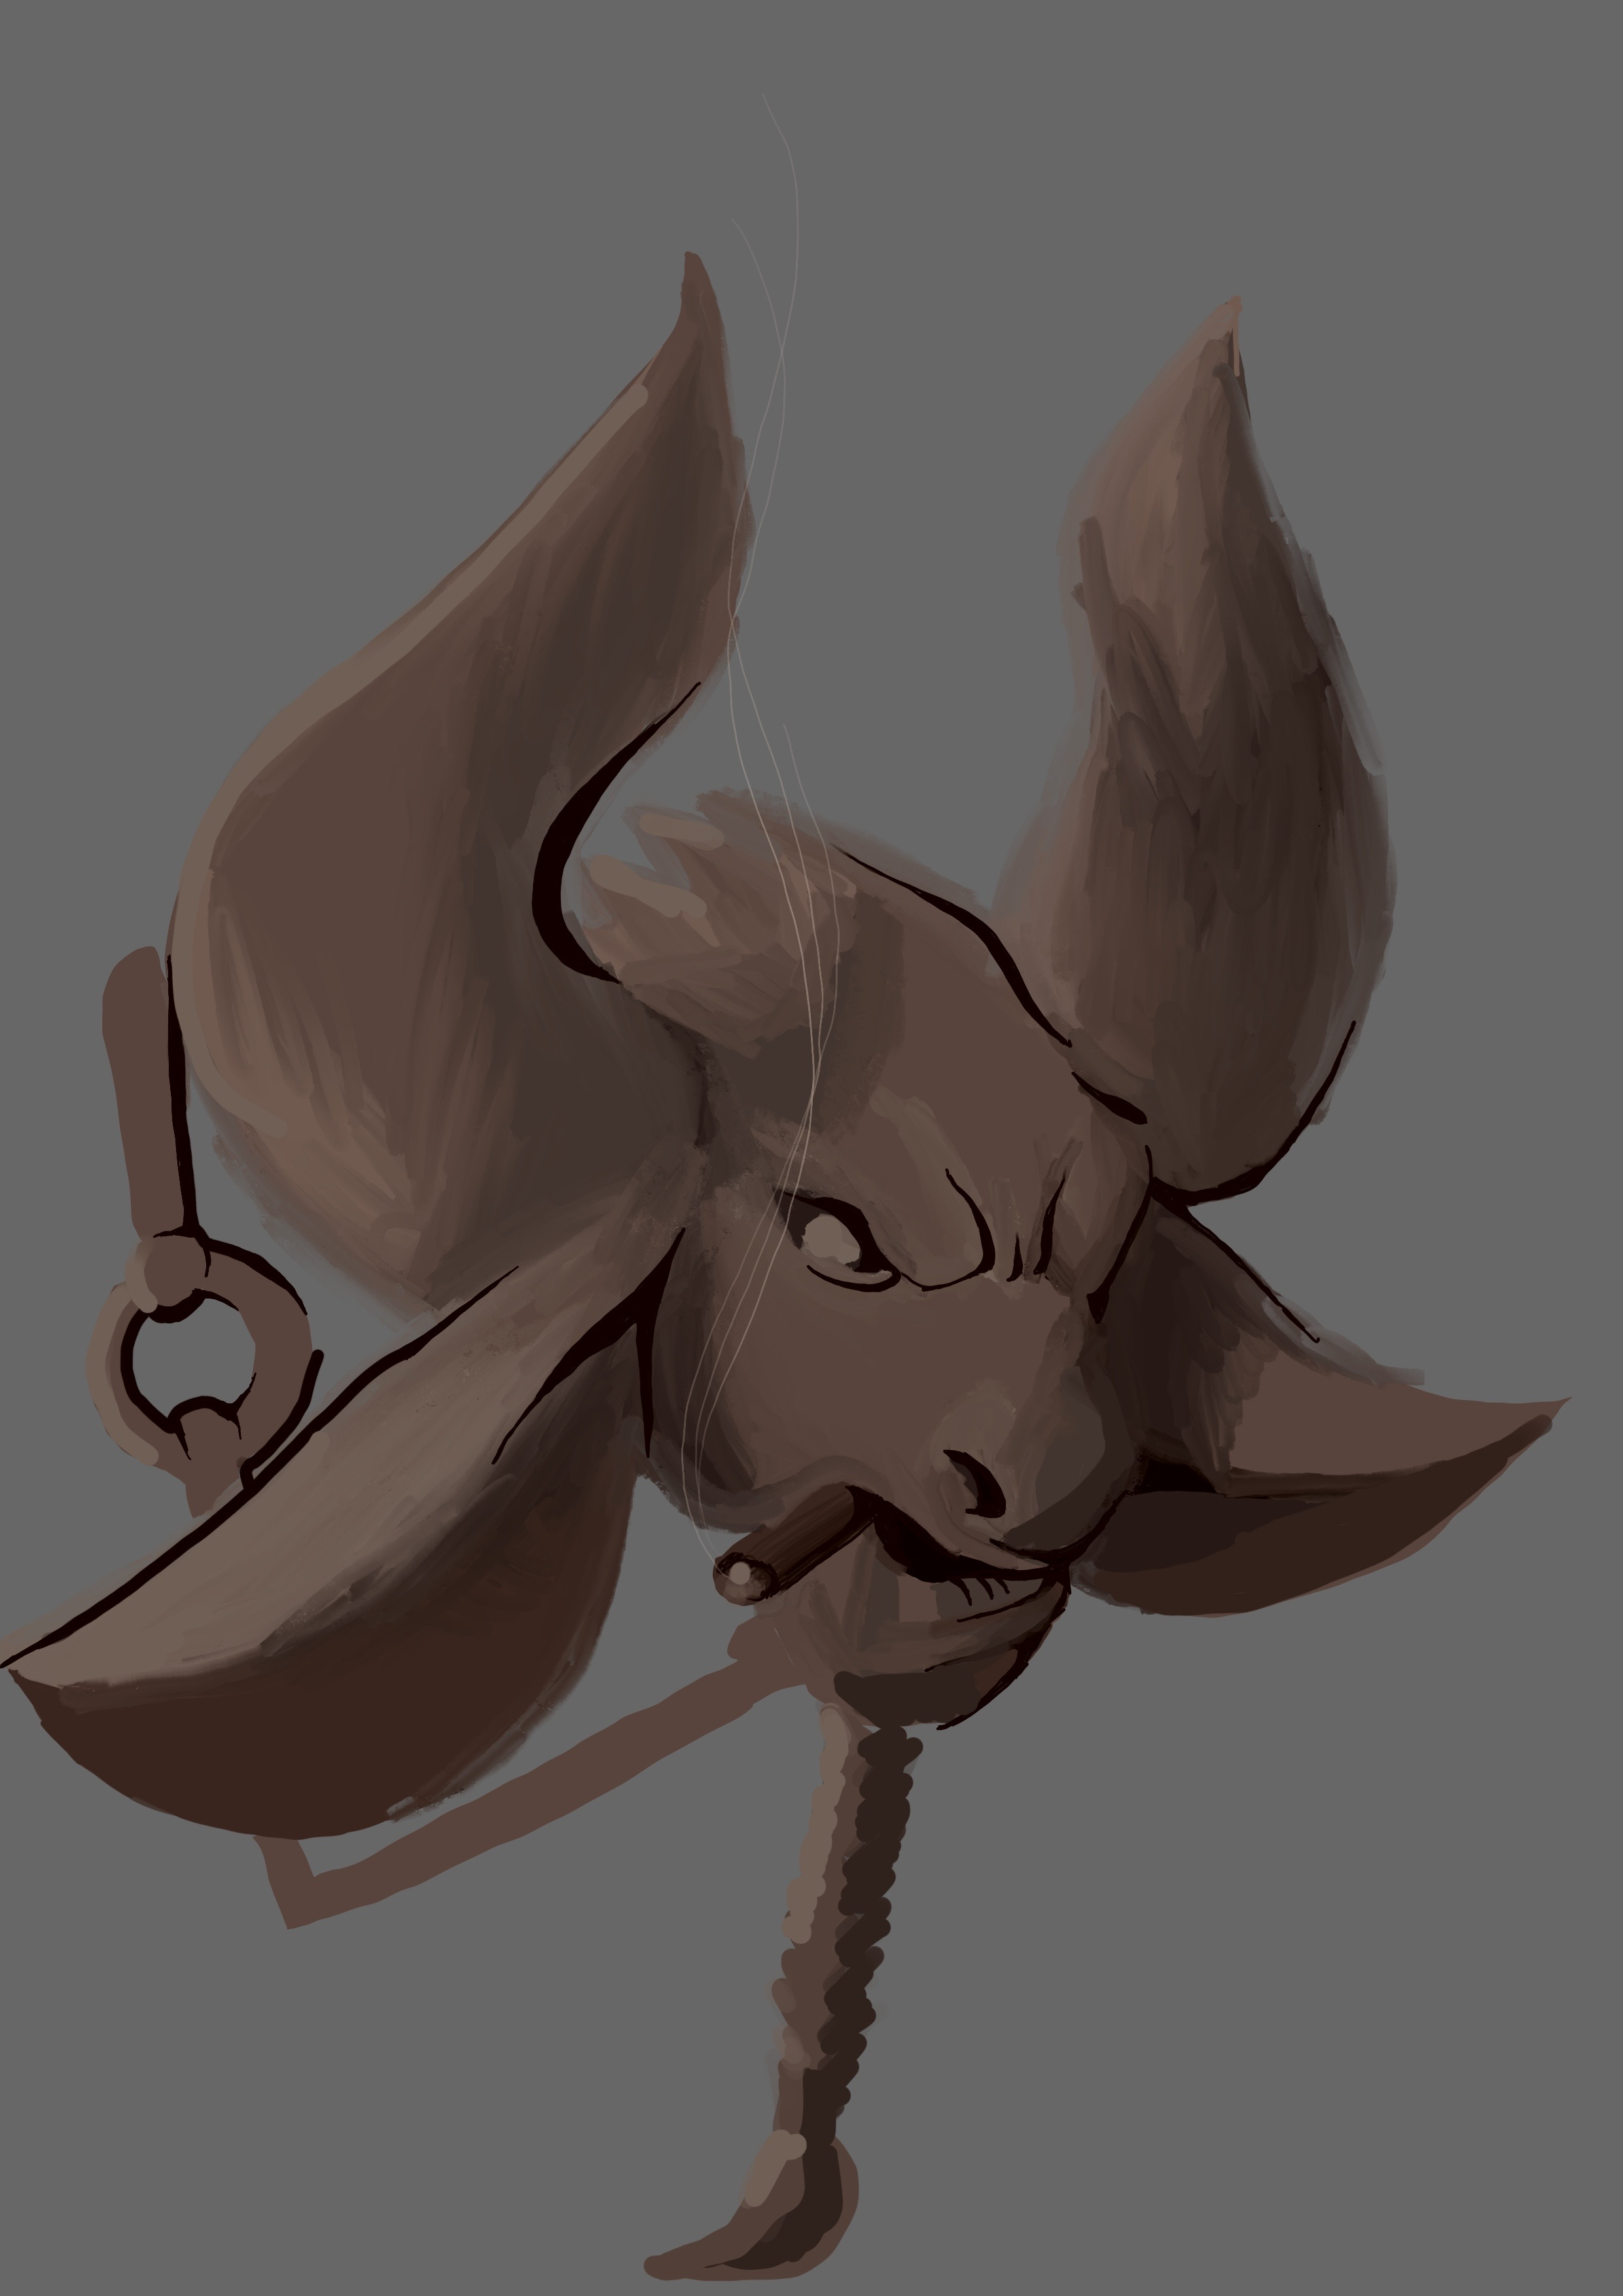 Персонаж для 2D мобильной игры фото f_7625f602c565a5db.jpg